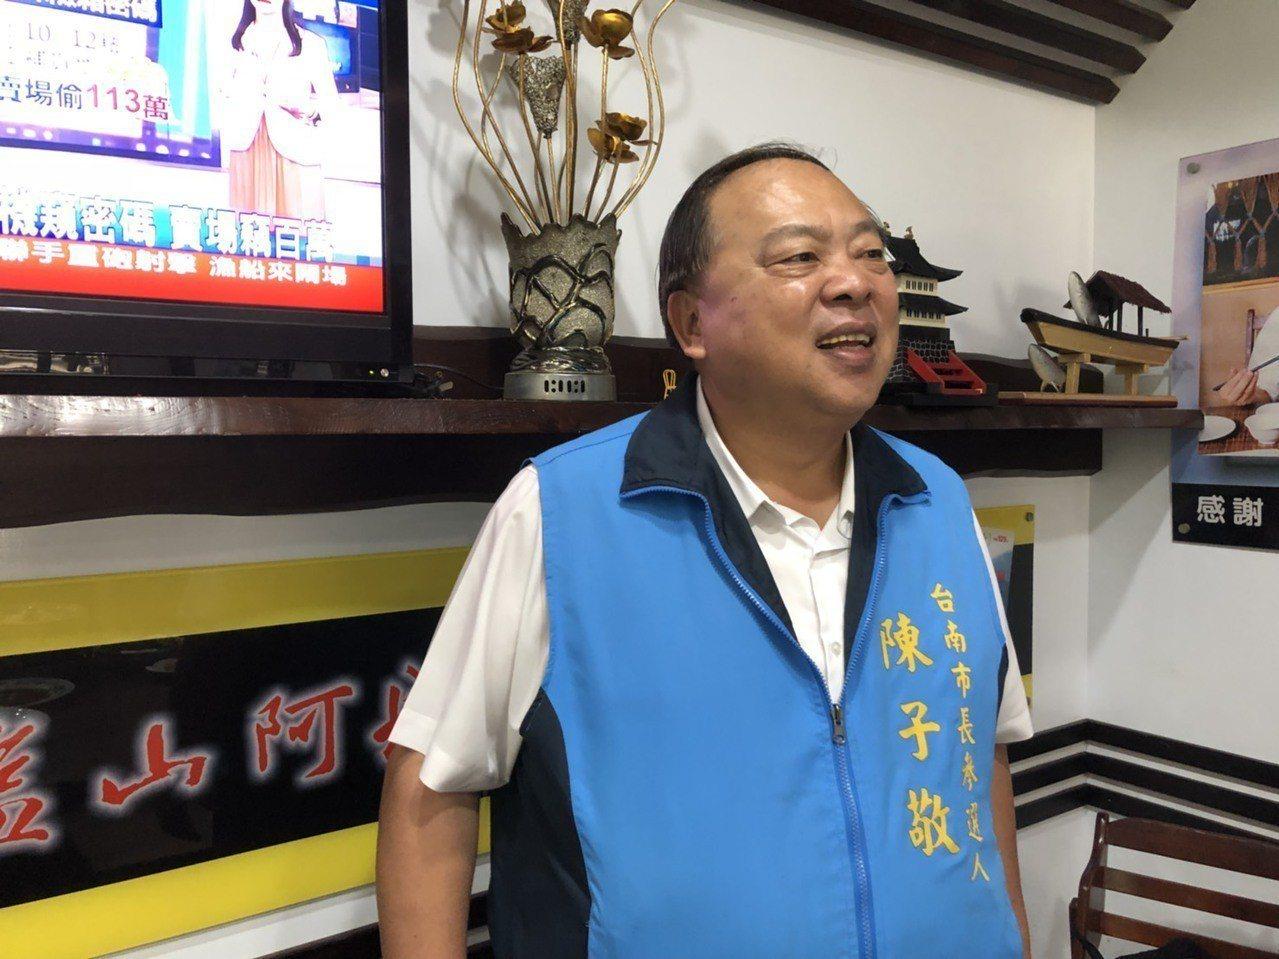 原計畫參選下屆台南市長的前台南市警察局長陳子敬今天宣布棄選,其他參選人獲知消息後...